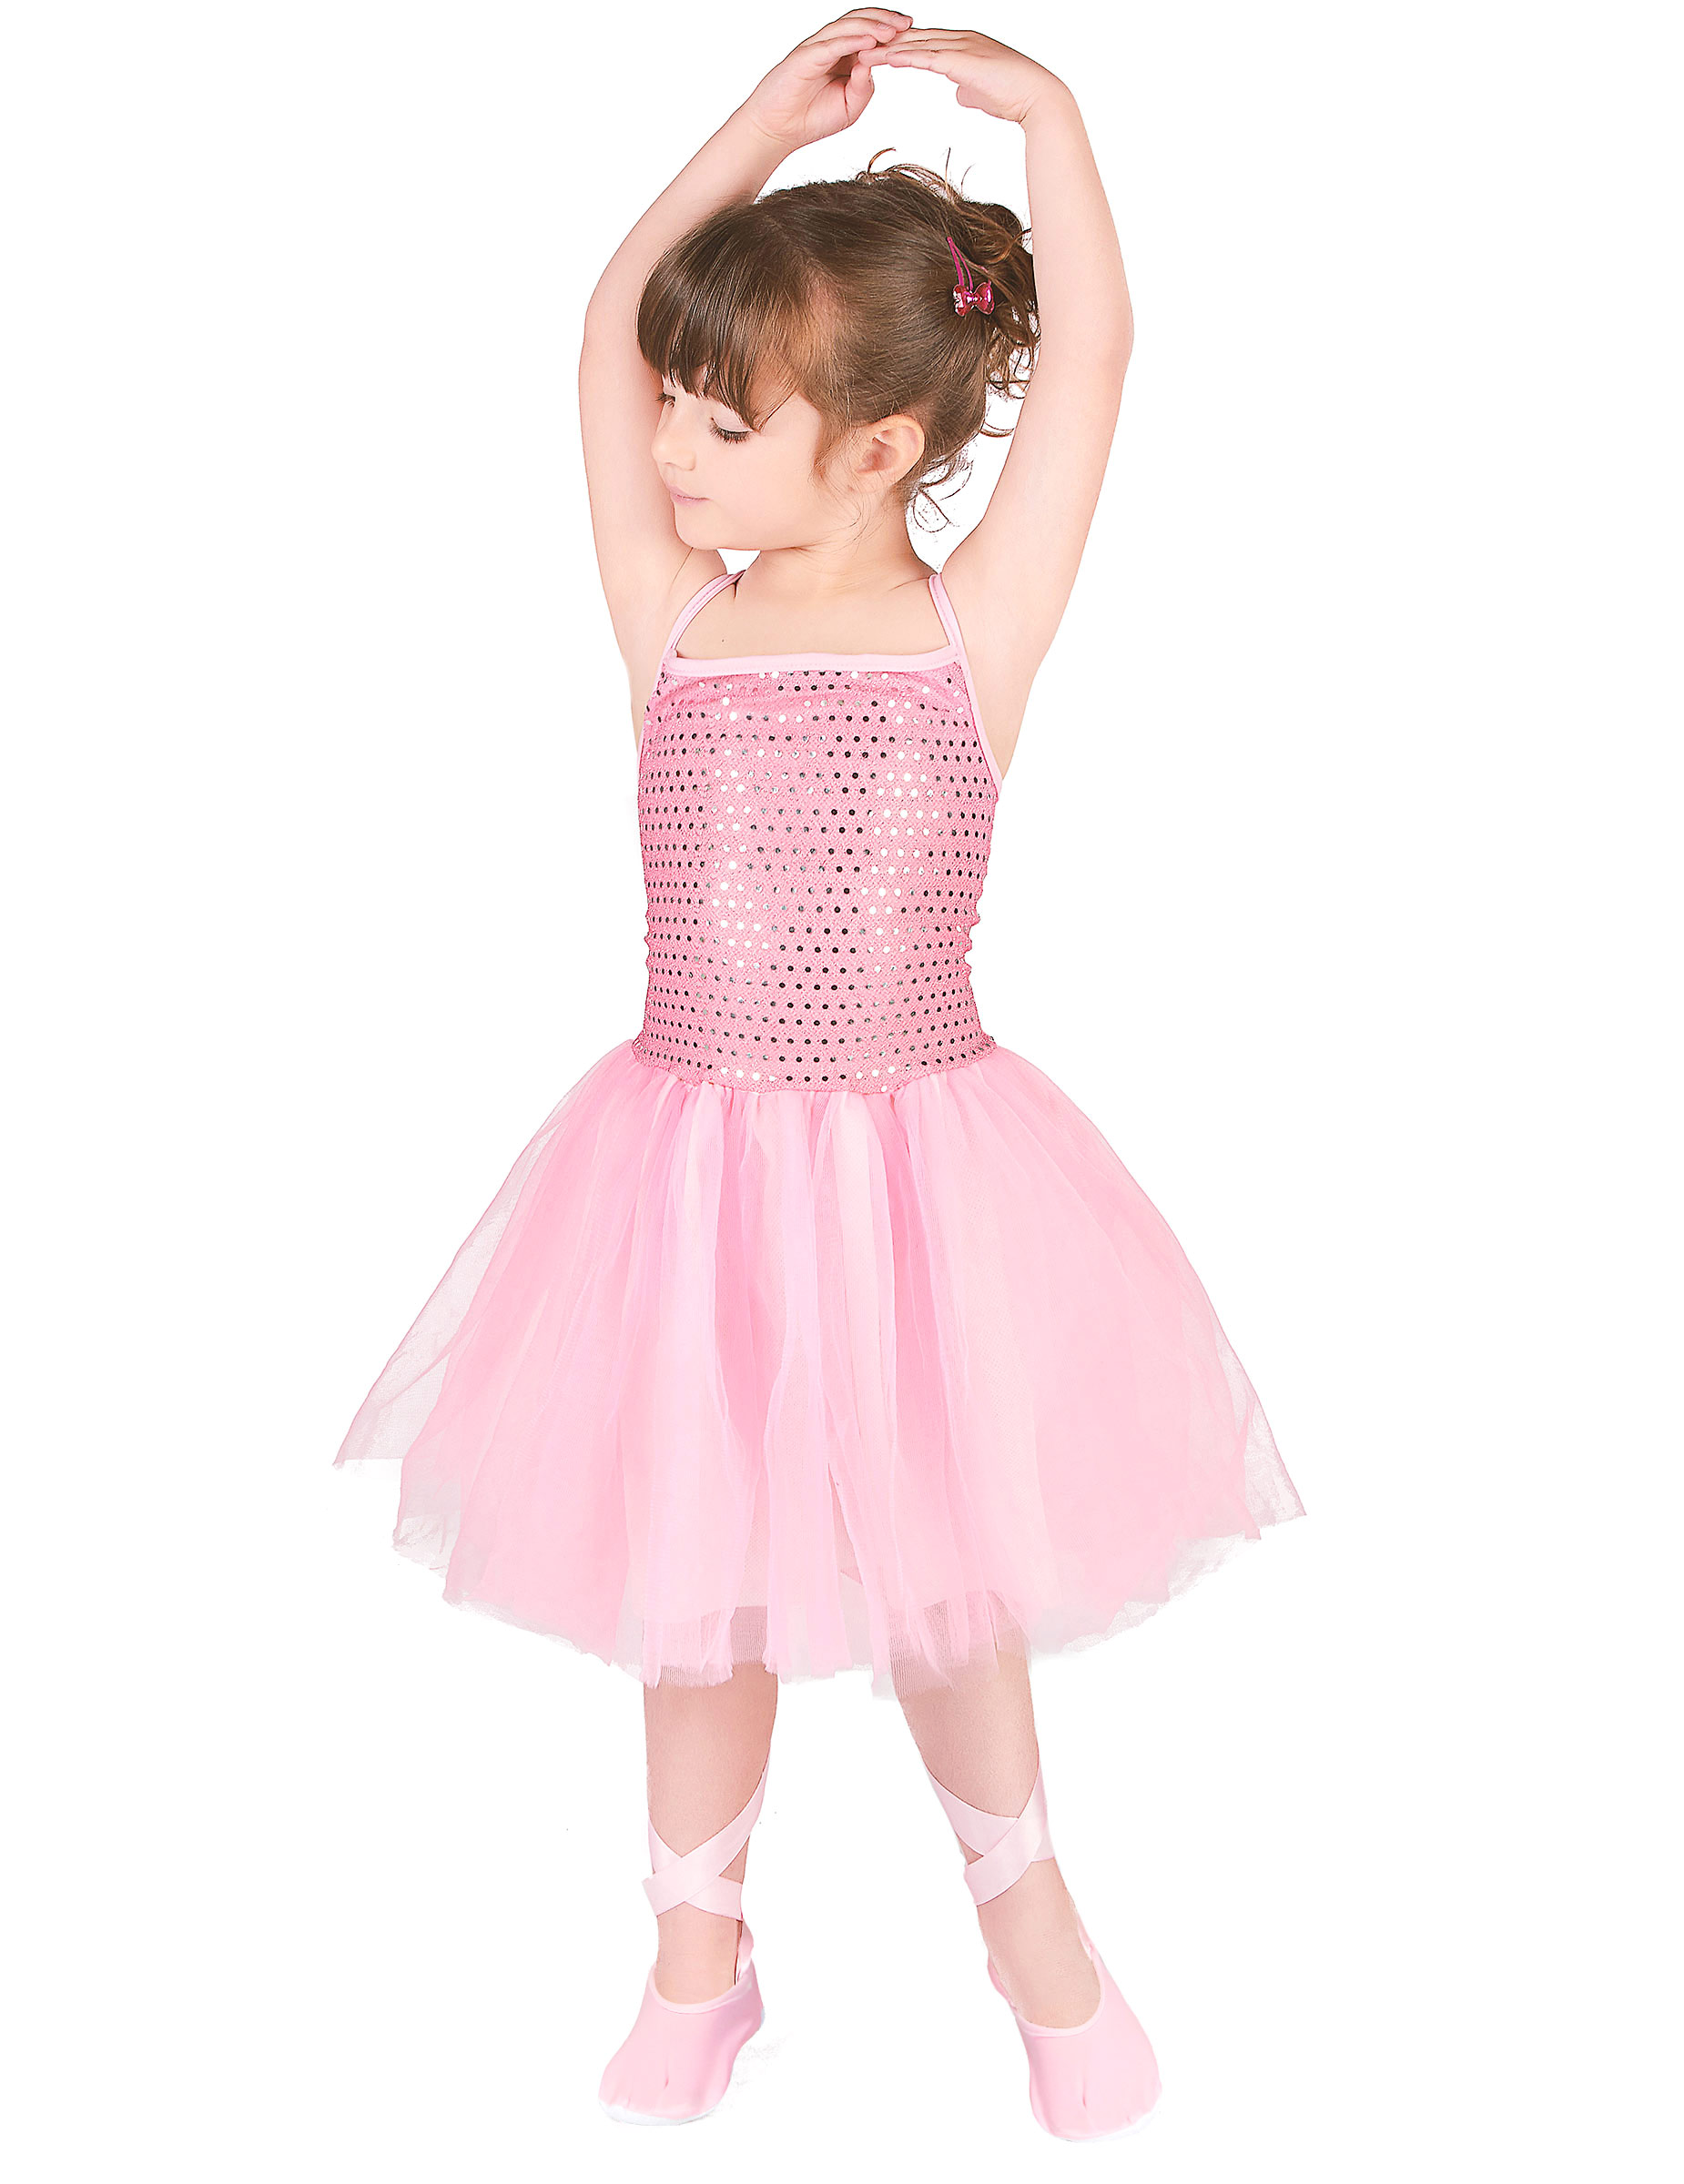 951eff4f95ba9 Déguisement danseuse étoile rose fille   Deguise-toi